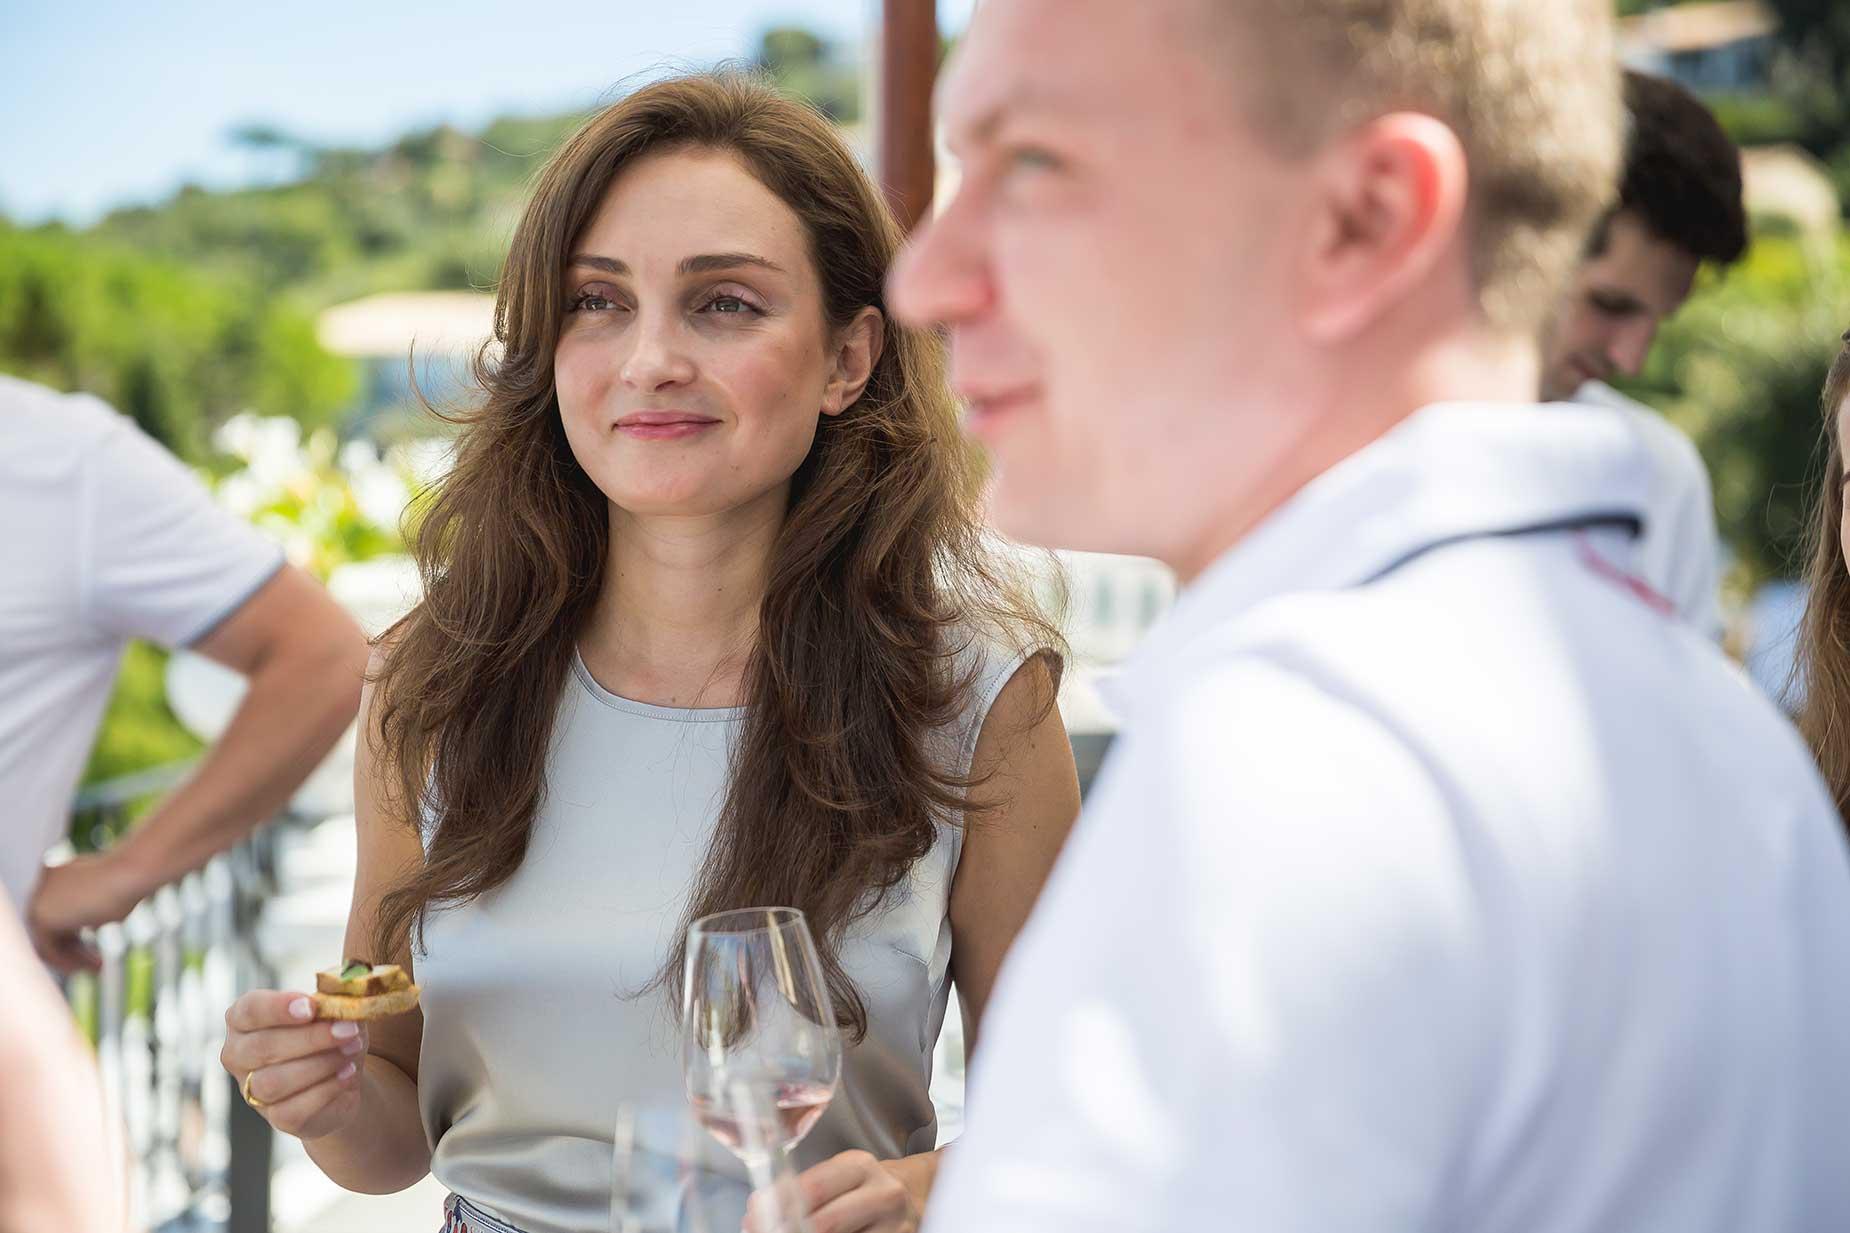 bride and groom taste wine